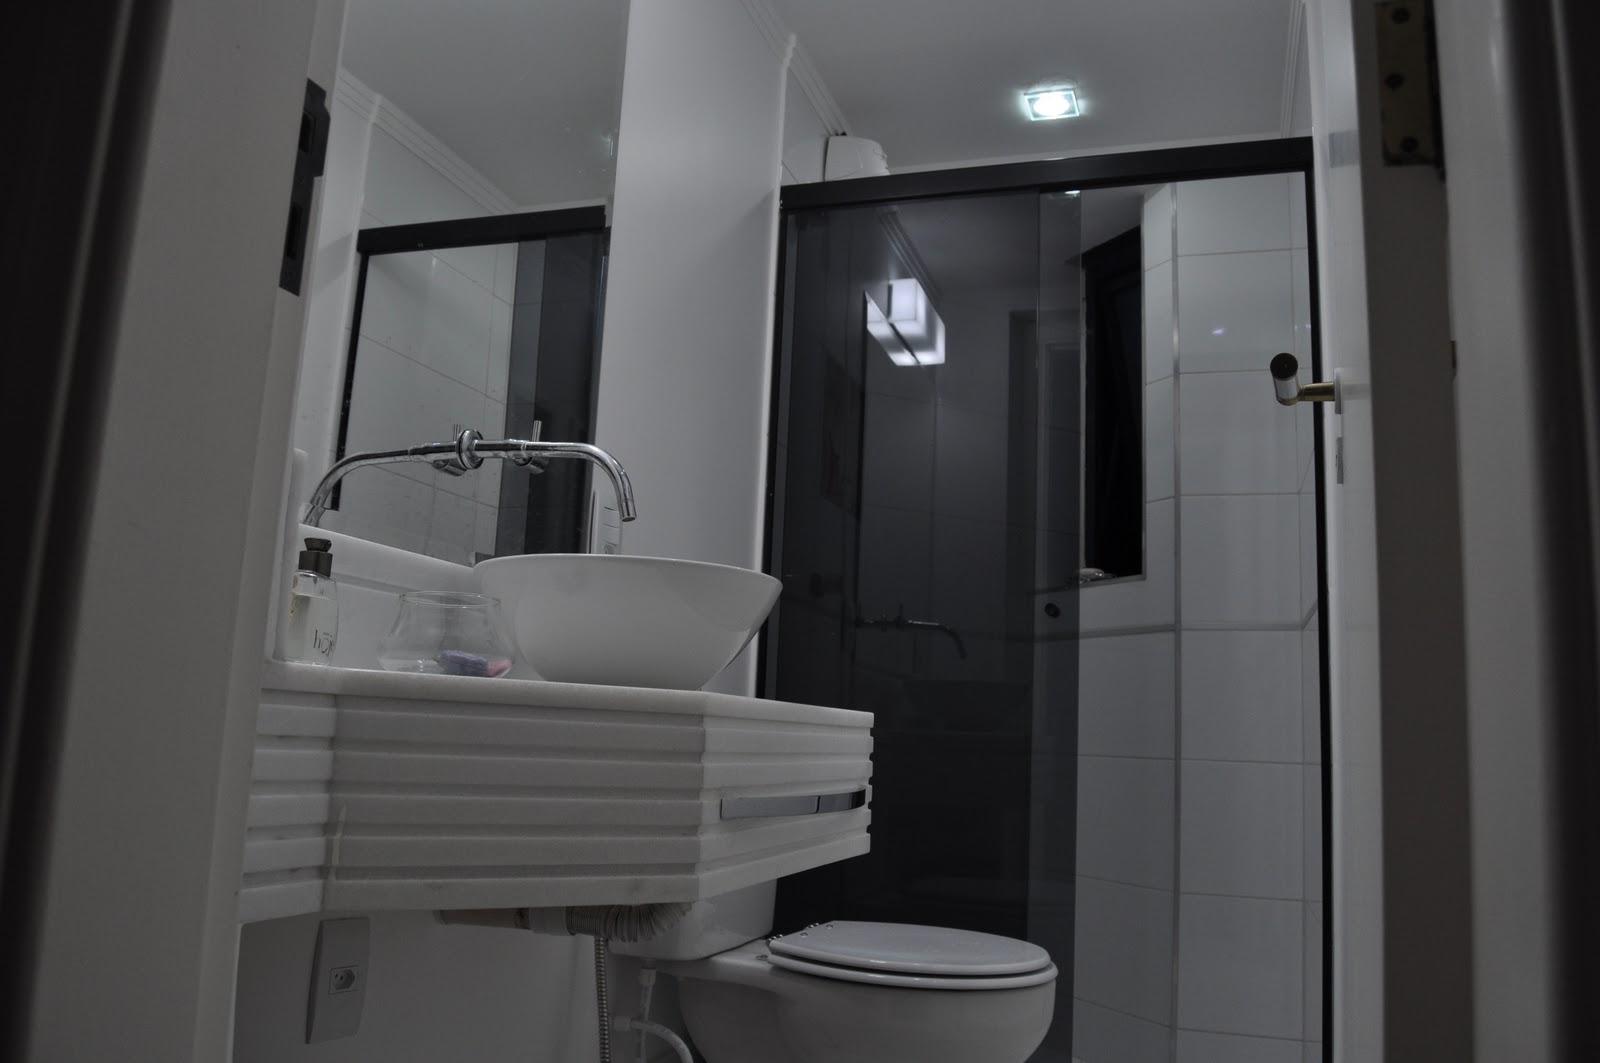 Imagens de #4A6281 Apartamento de 3 dormitórios em Bauru/SP Designer de Interiores  1600x1063 px 3090 Box Banheiro Bauru